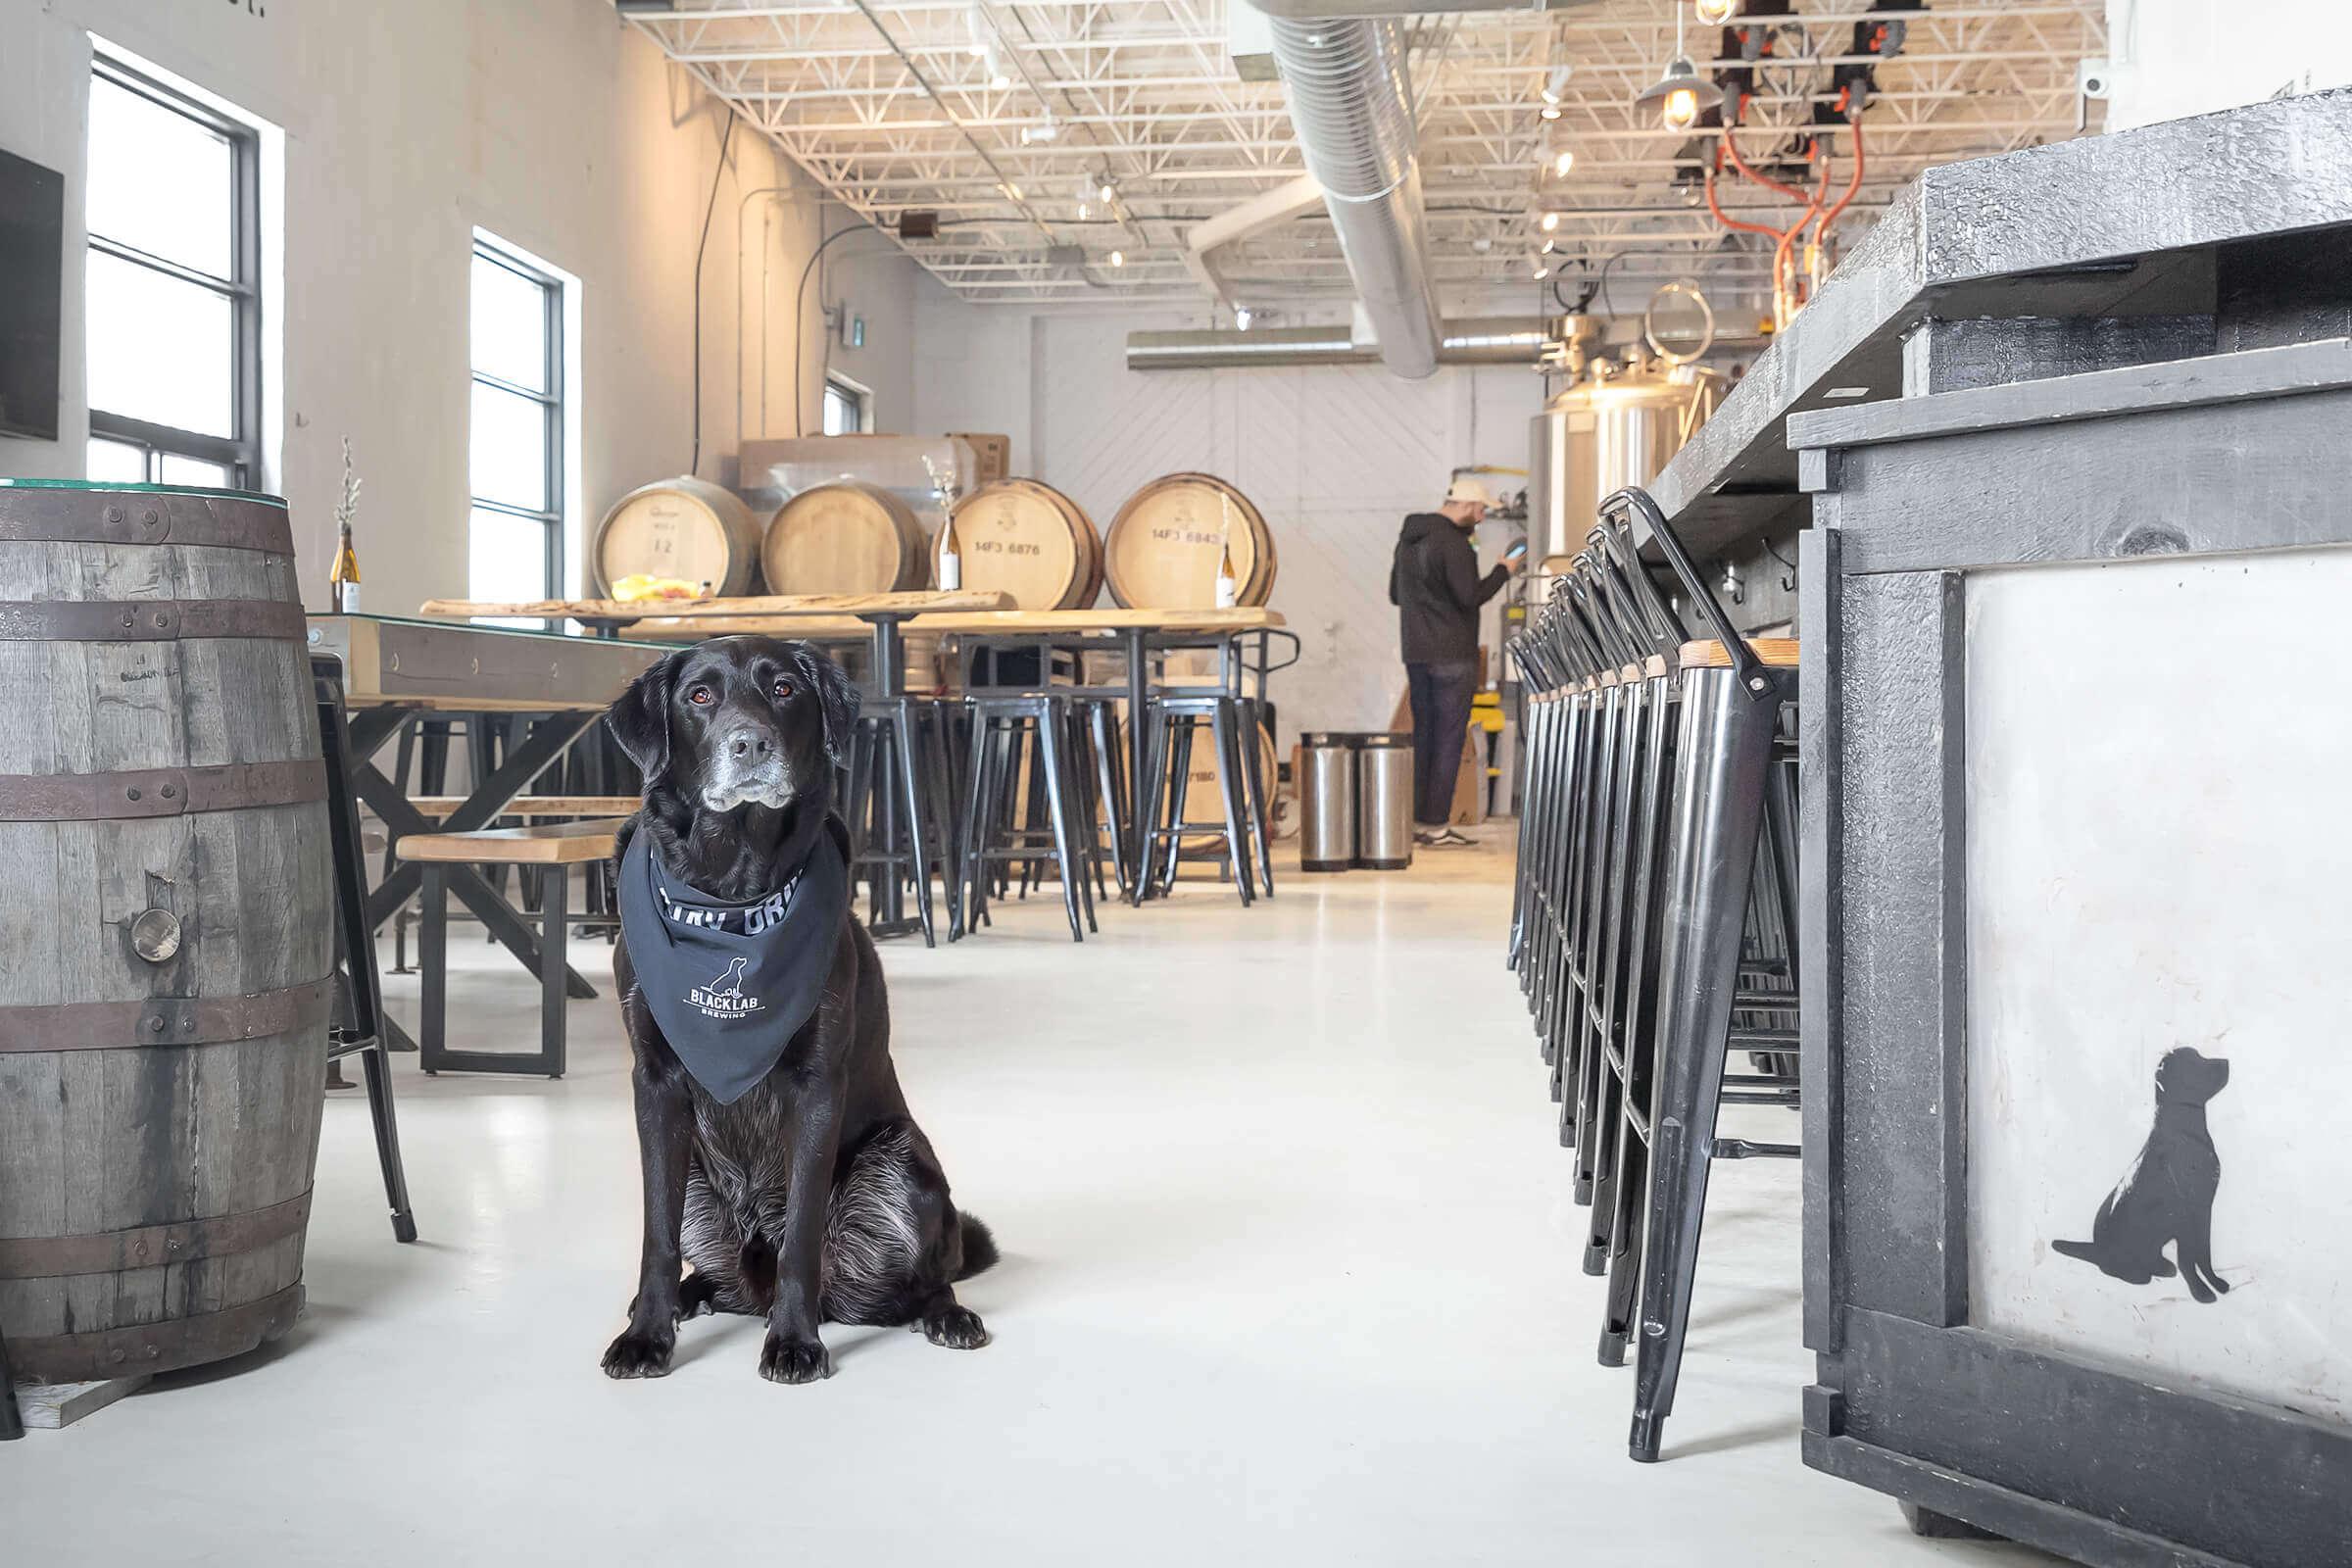 snoopy of black lab beer